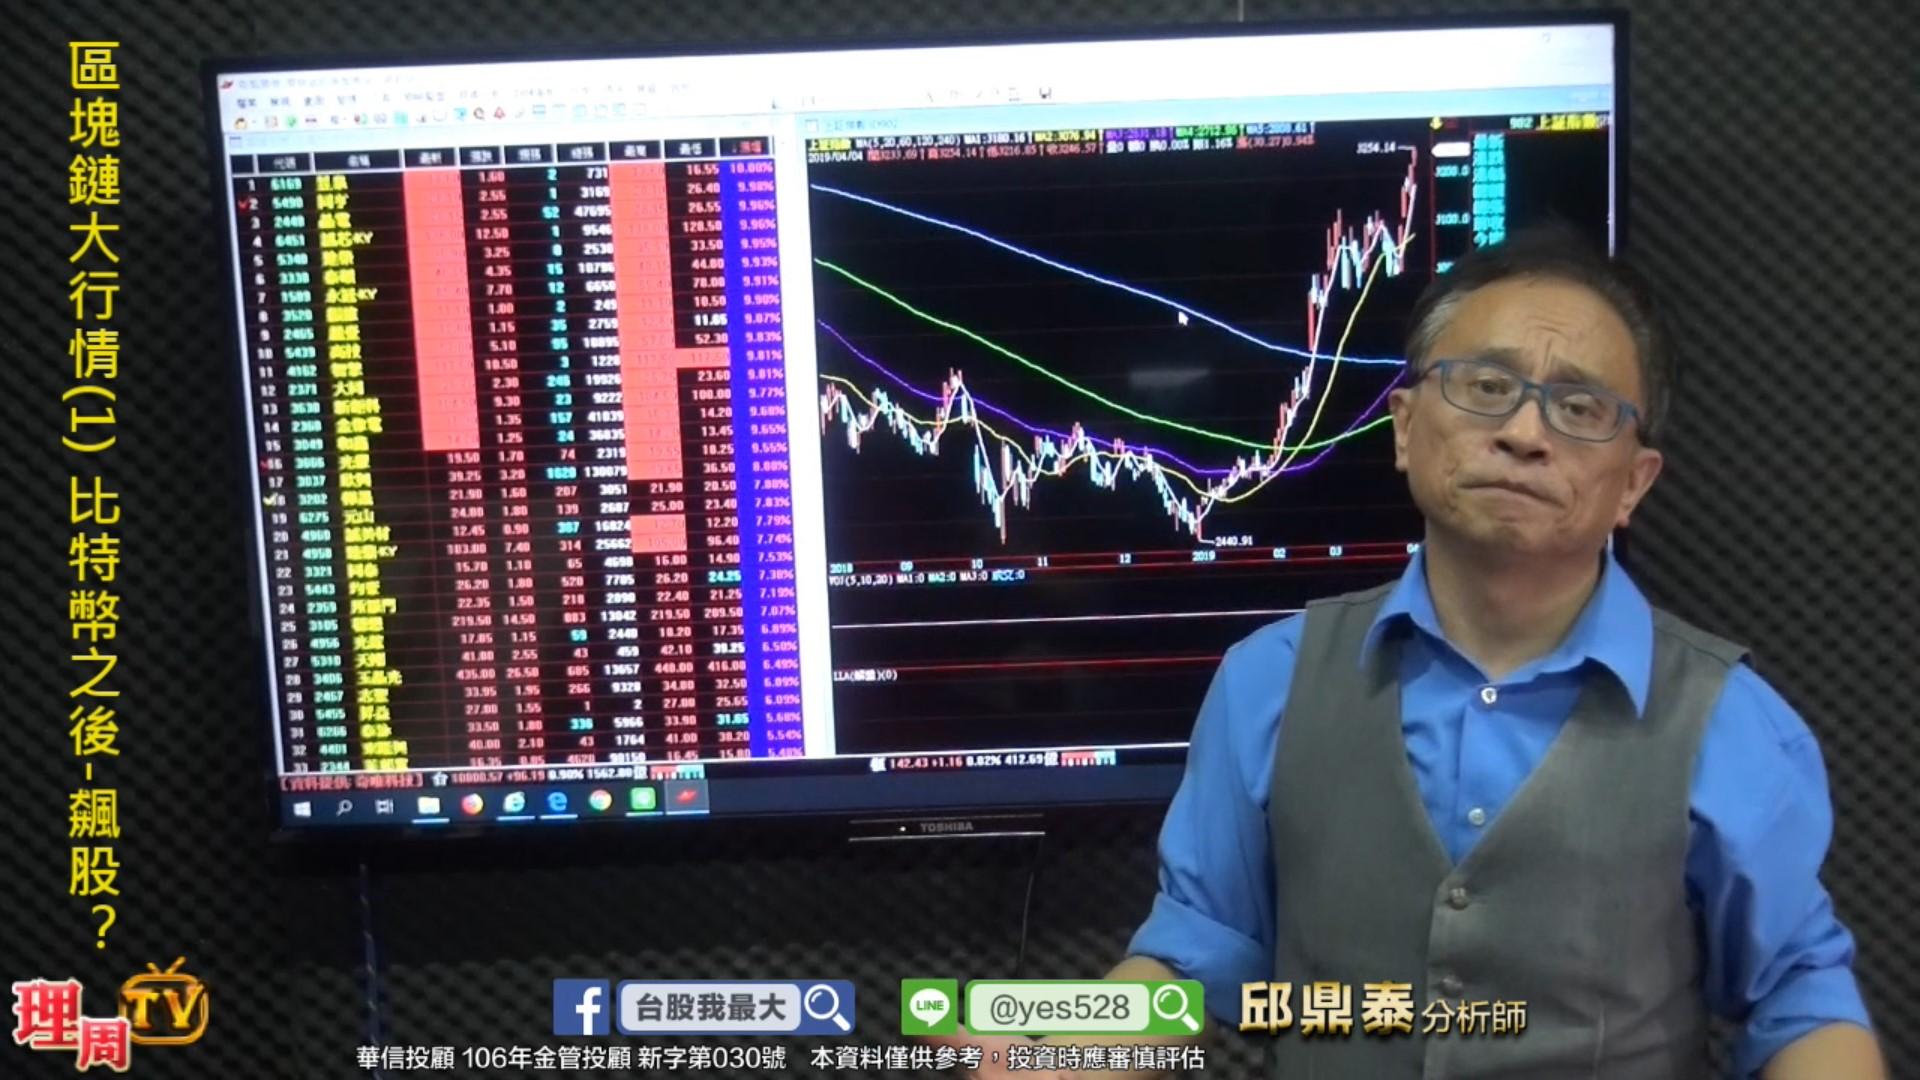 區塊鏈大行情(1) 比特幣之後-飆股?